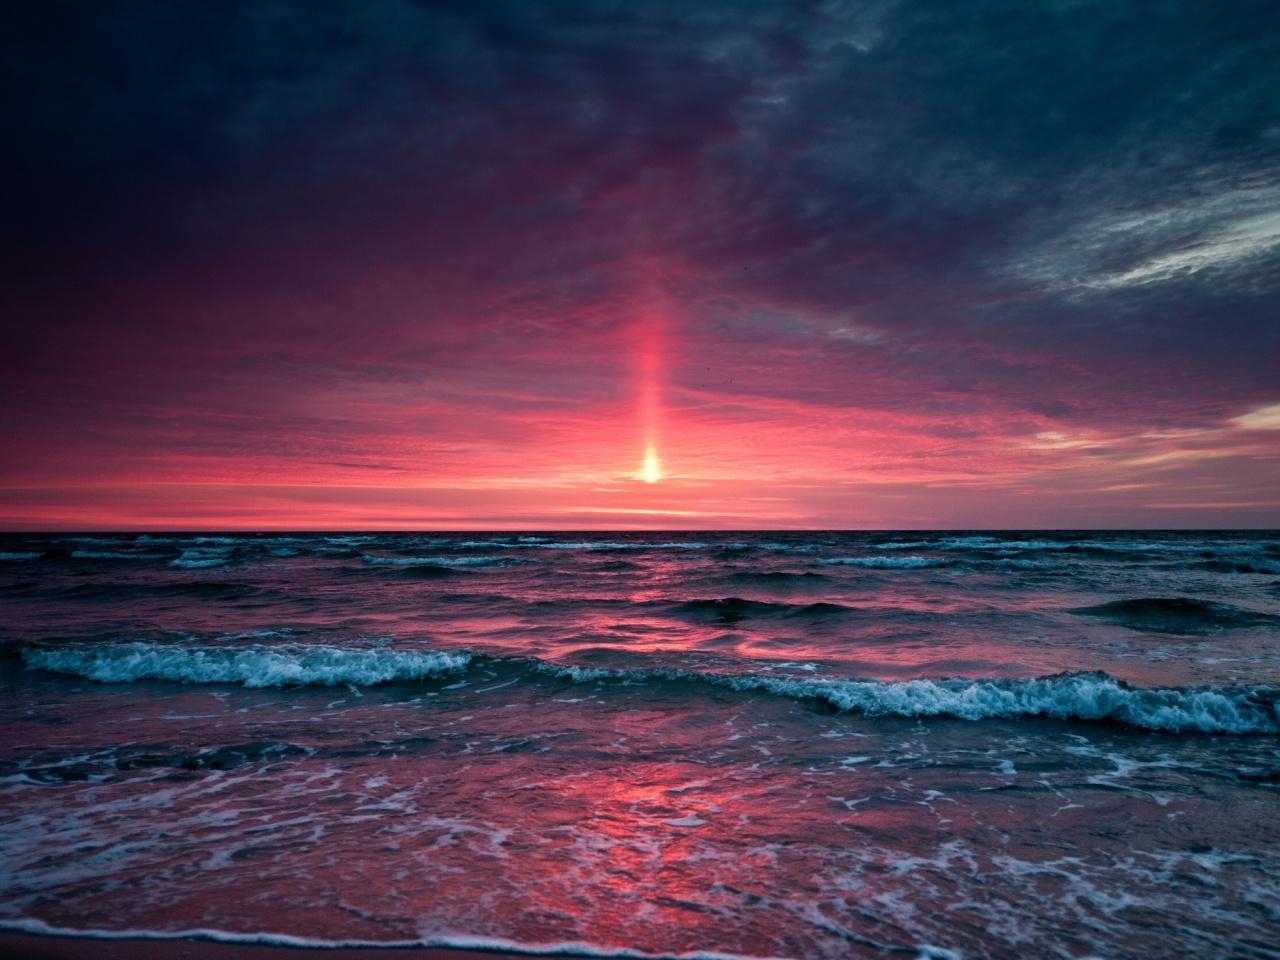 23319 скачать обои Пейзаж, Закат, Море, Волны - заставки и картинки бесплатно